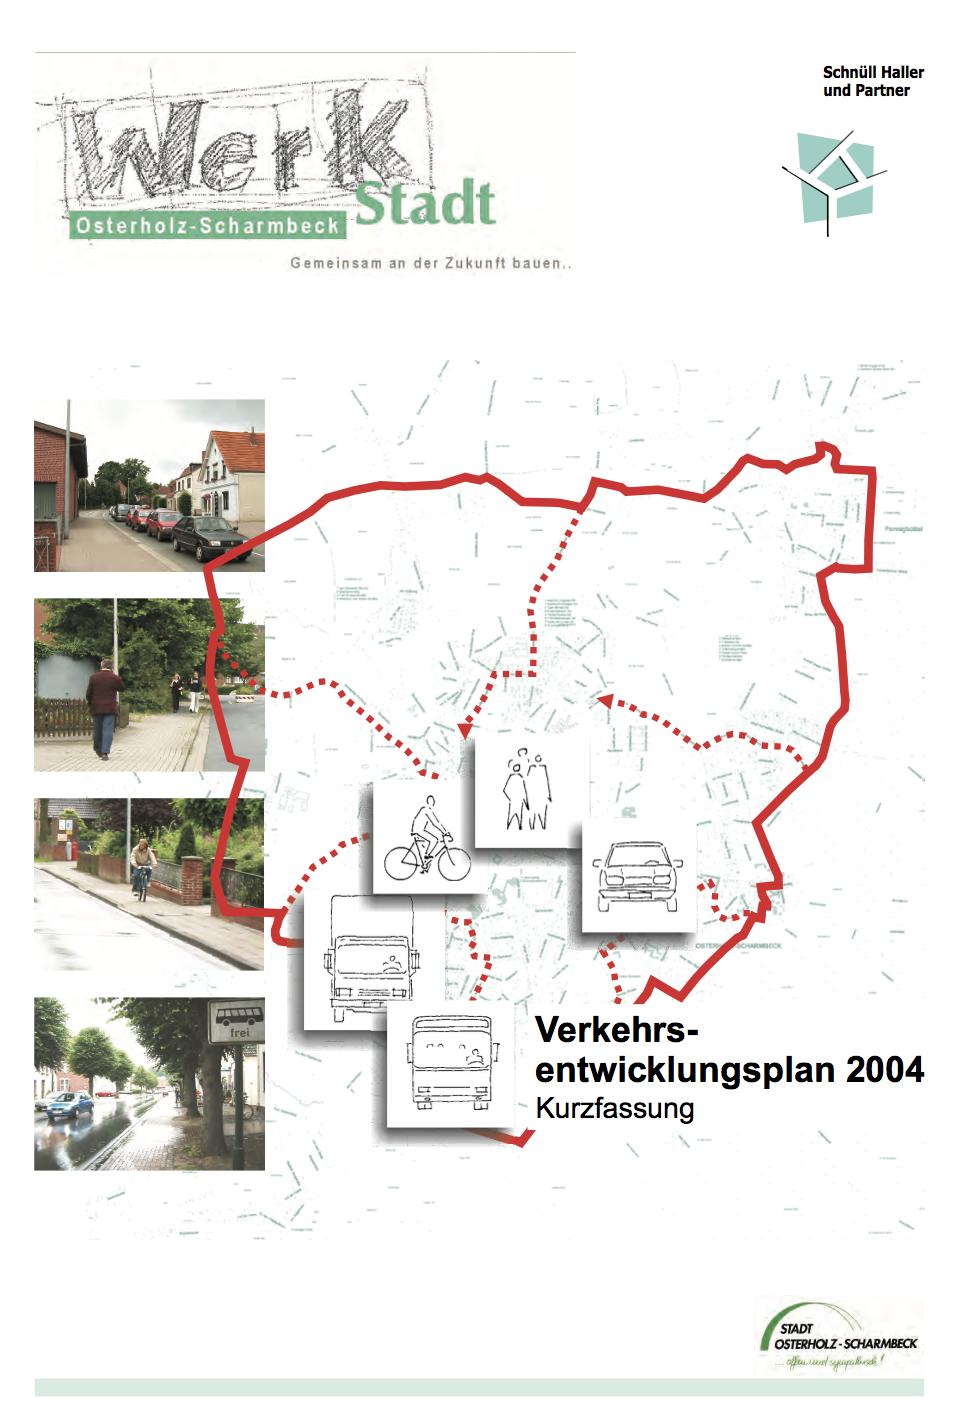 Verkehrsentwicklungsplan 2004 Osterholz-Scharmbeck